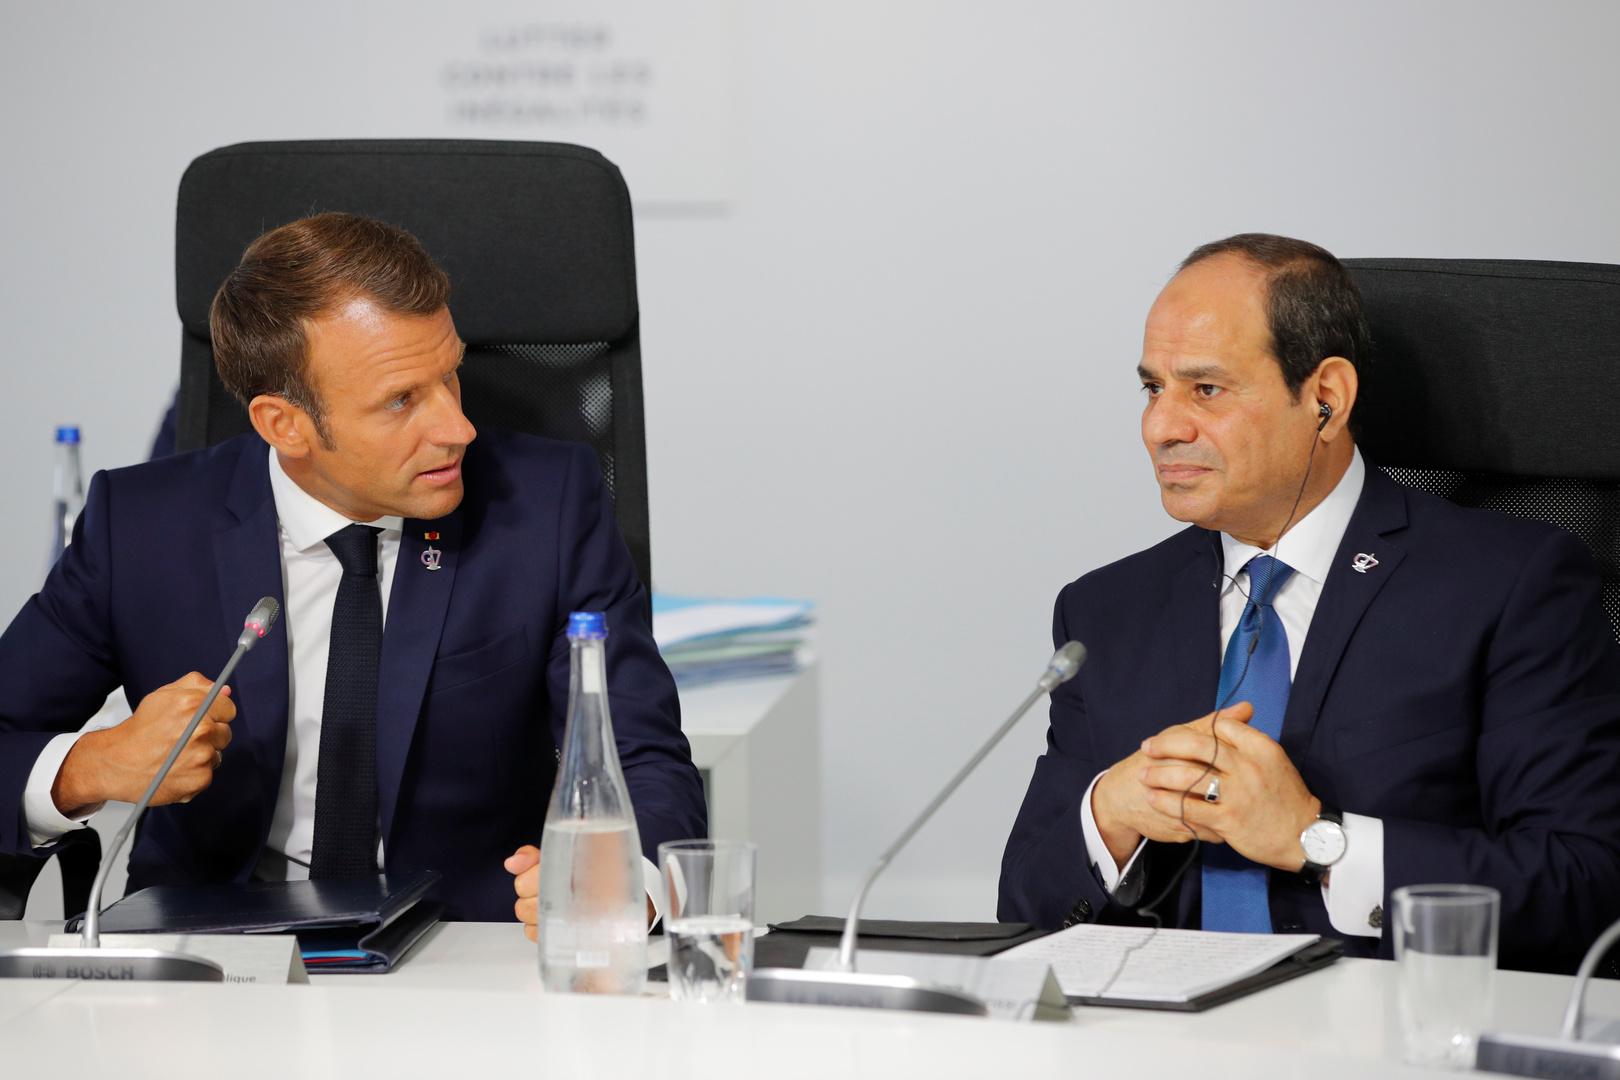 السيسي وماكرون يرفضان ممارسات التصعيد التي تمس مصالح دول شرق المتوسط